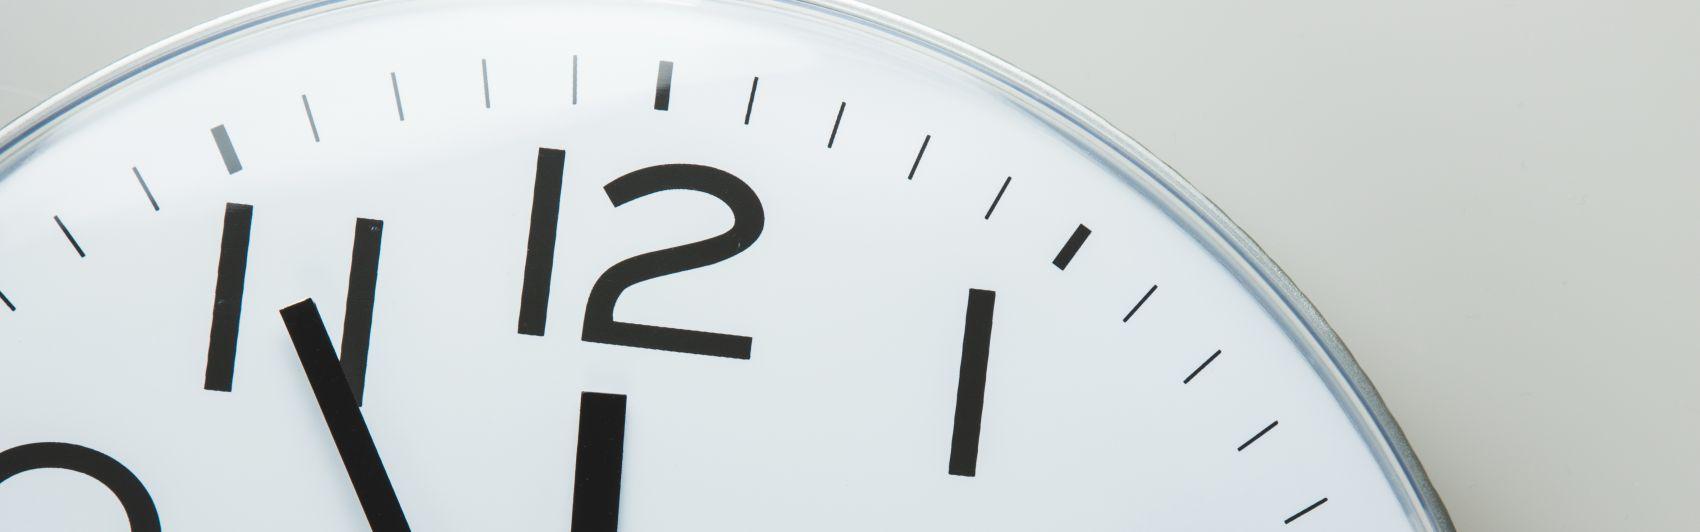 uhr; uhrzeit; zeitmanagement; zeit; wanduhr; pünktlichkeit; zeiterfassung; erfassung; arbeitszeit; pünktlich; termin; kurz vor; analog; countdown; eile; ende; handeln; handlungsbedarf; hektik; jetzt oder nie; jetzt; just in time; knapp; ladenschluss